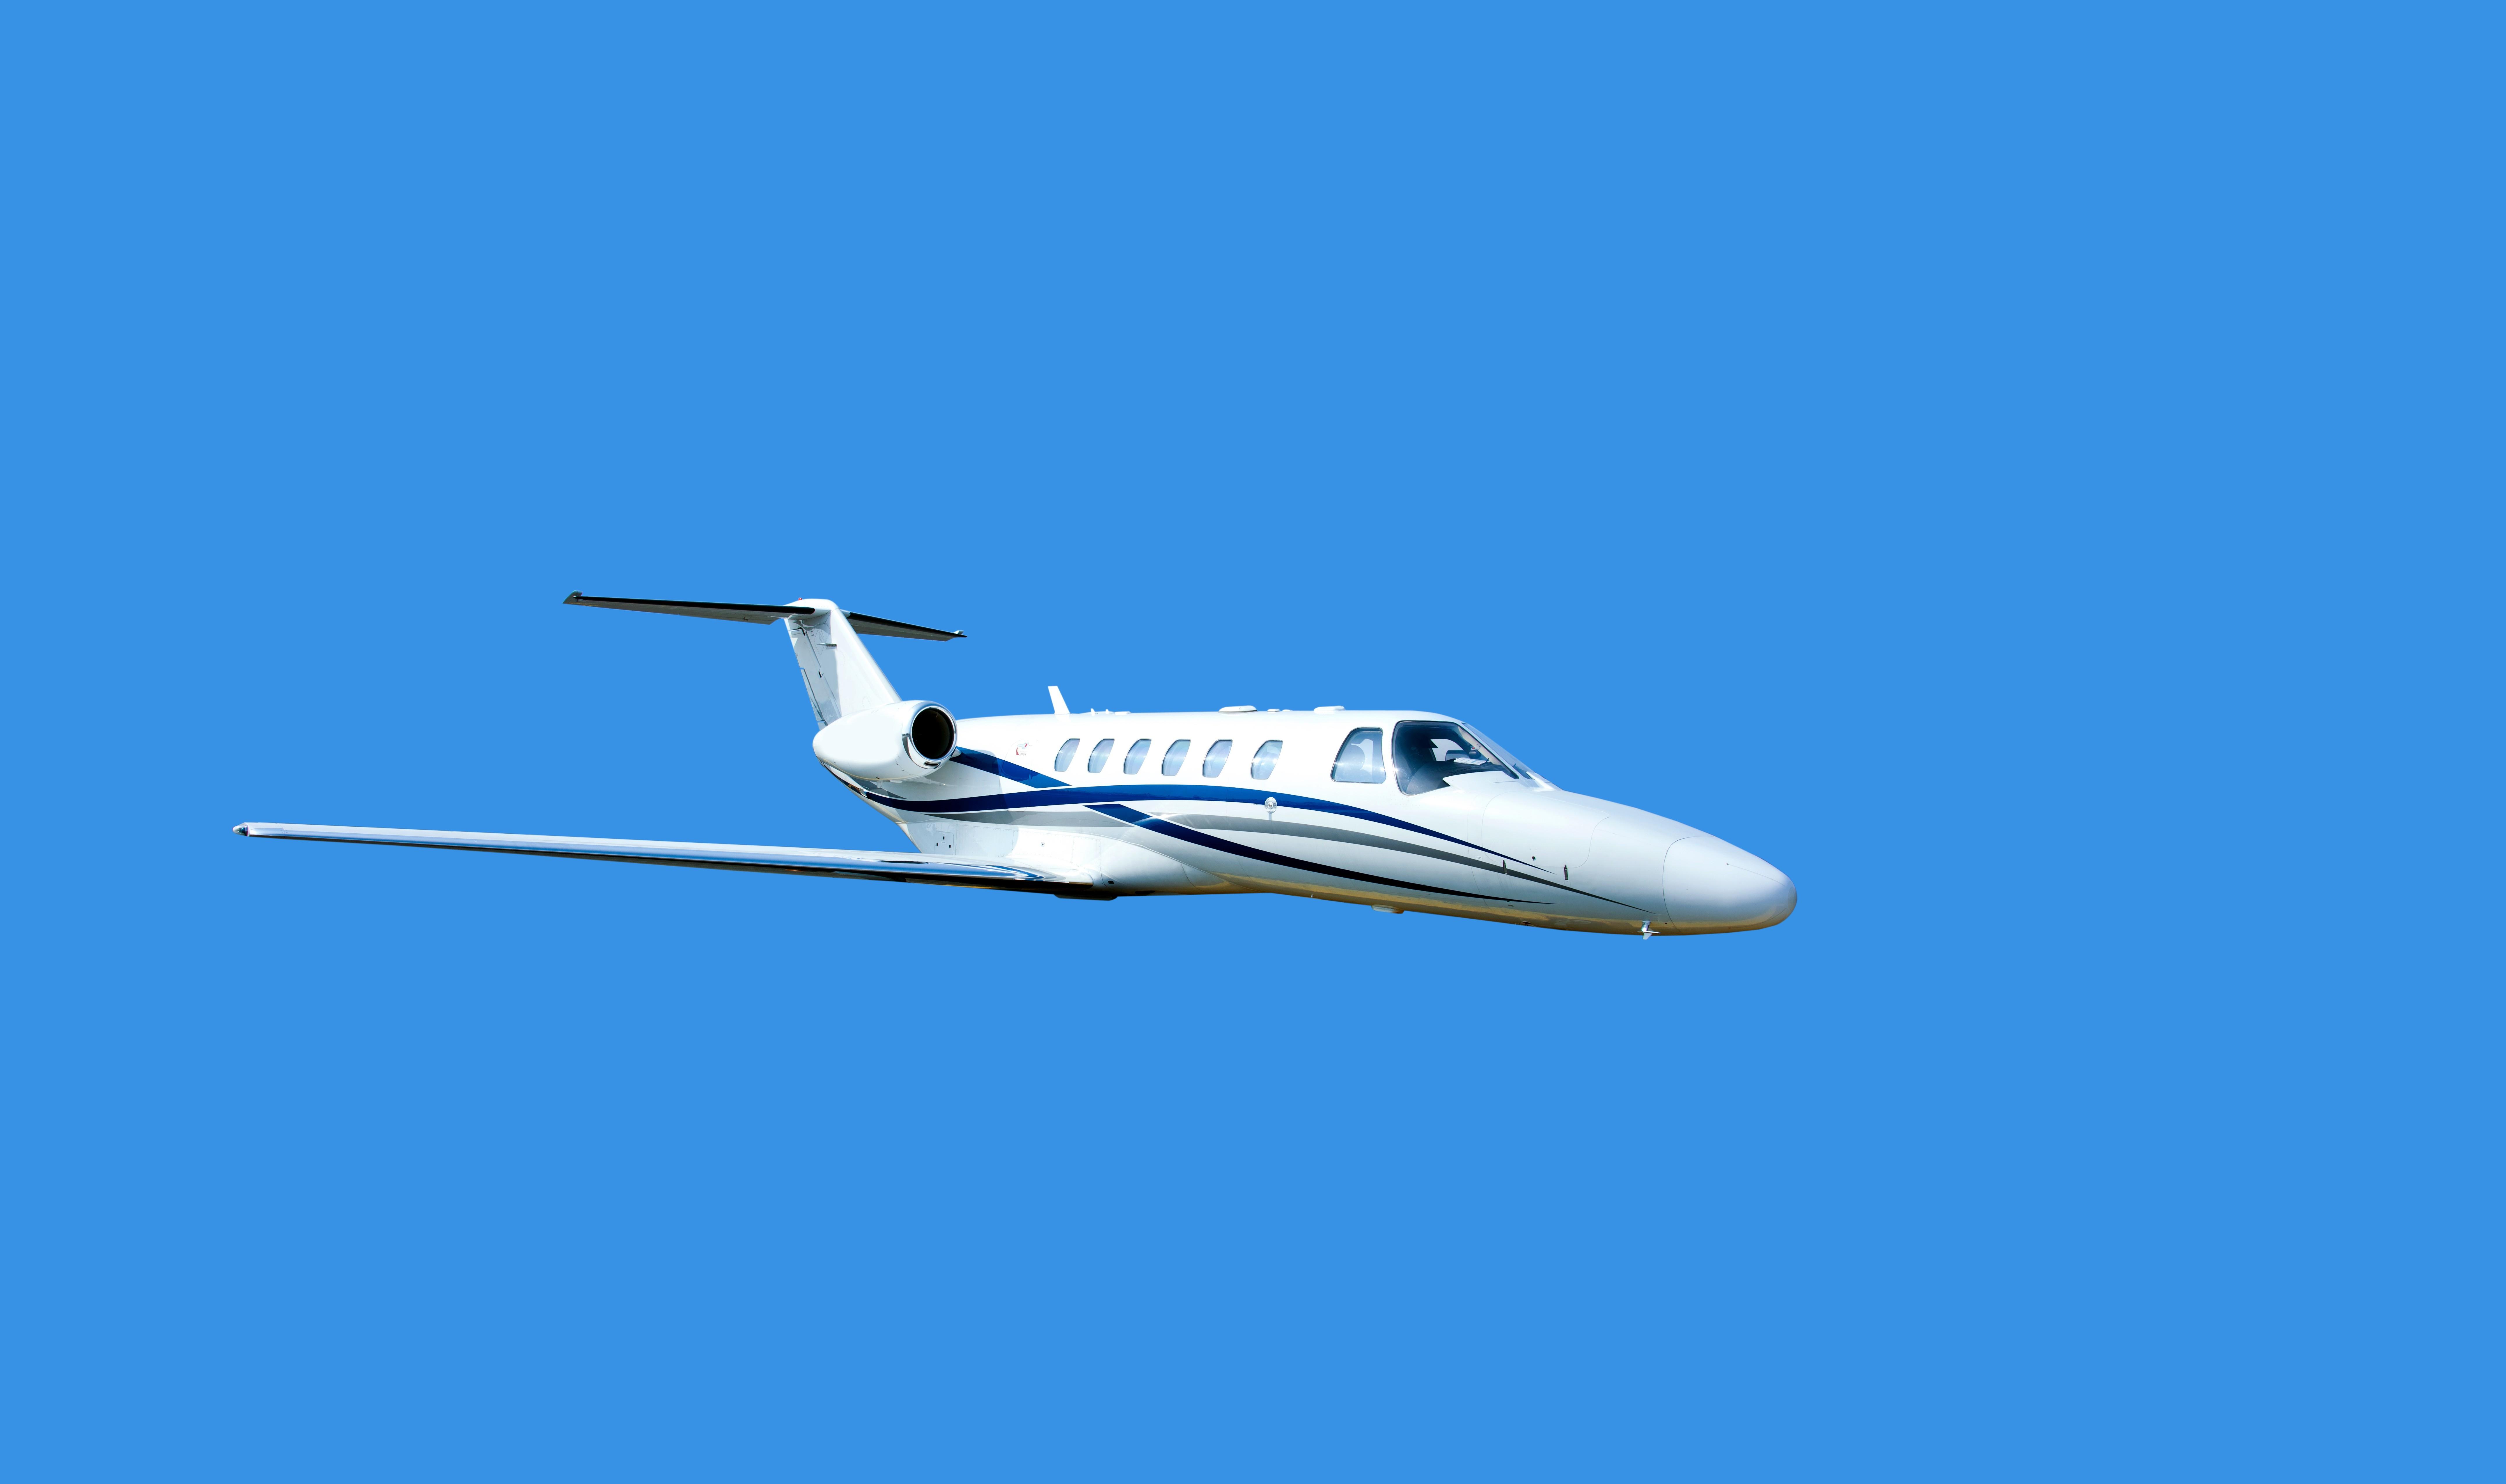 Sistema permitirá que a aeronave atue com base nas informações de seus arredores (Foto: Thinkstock)